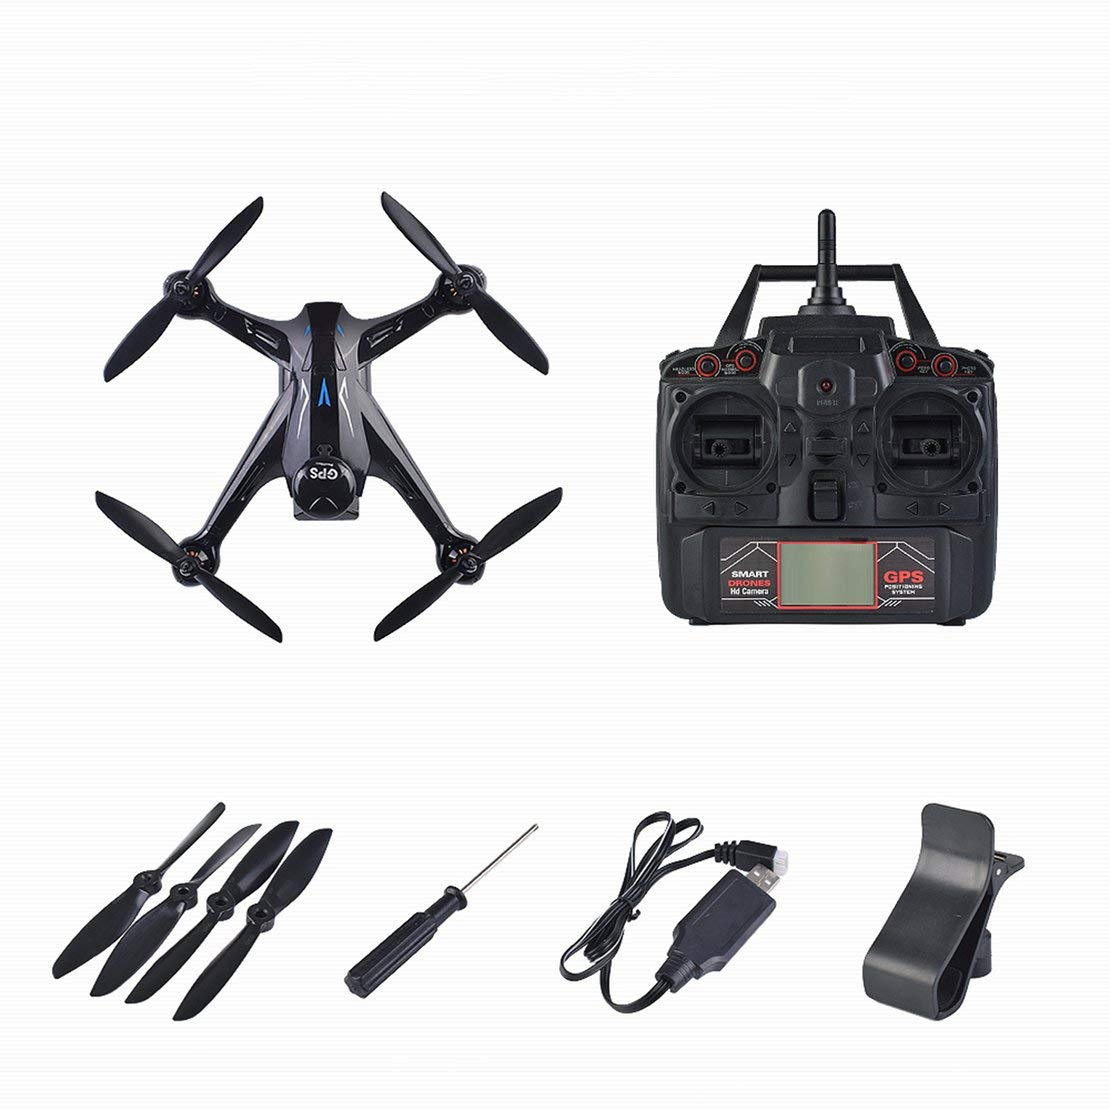 Sanzhileg 1080P Pixel-Fachmann GPS-Brummen mit 2.4G WiFi Kamera Quadrocopter Brushless RC Drone Ray X198 Vier Achsen-Flugzeuge - Schwarzes